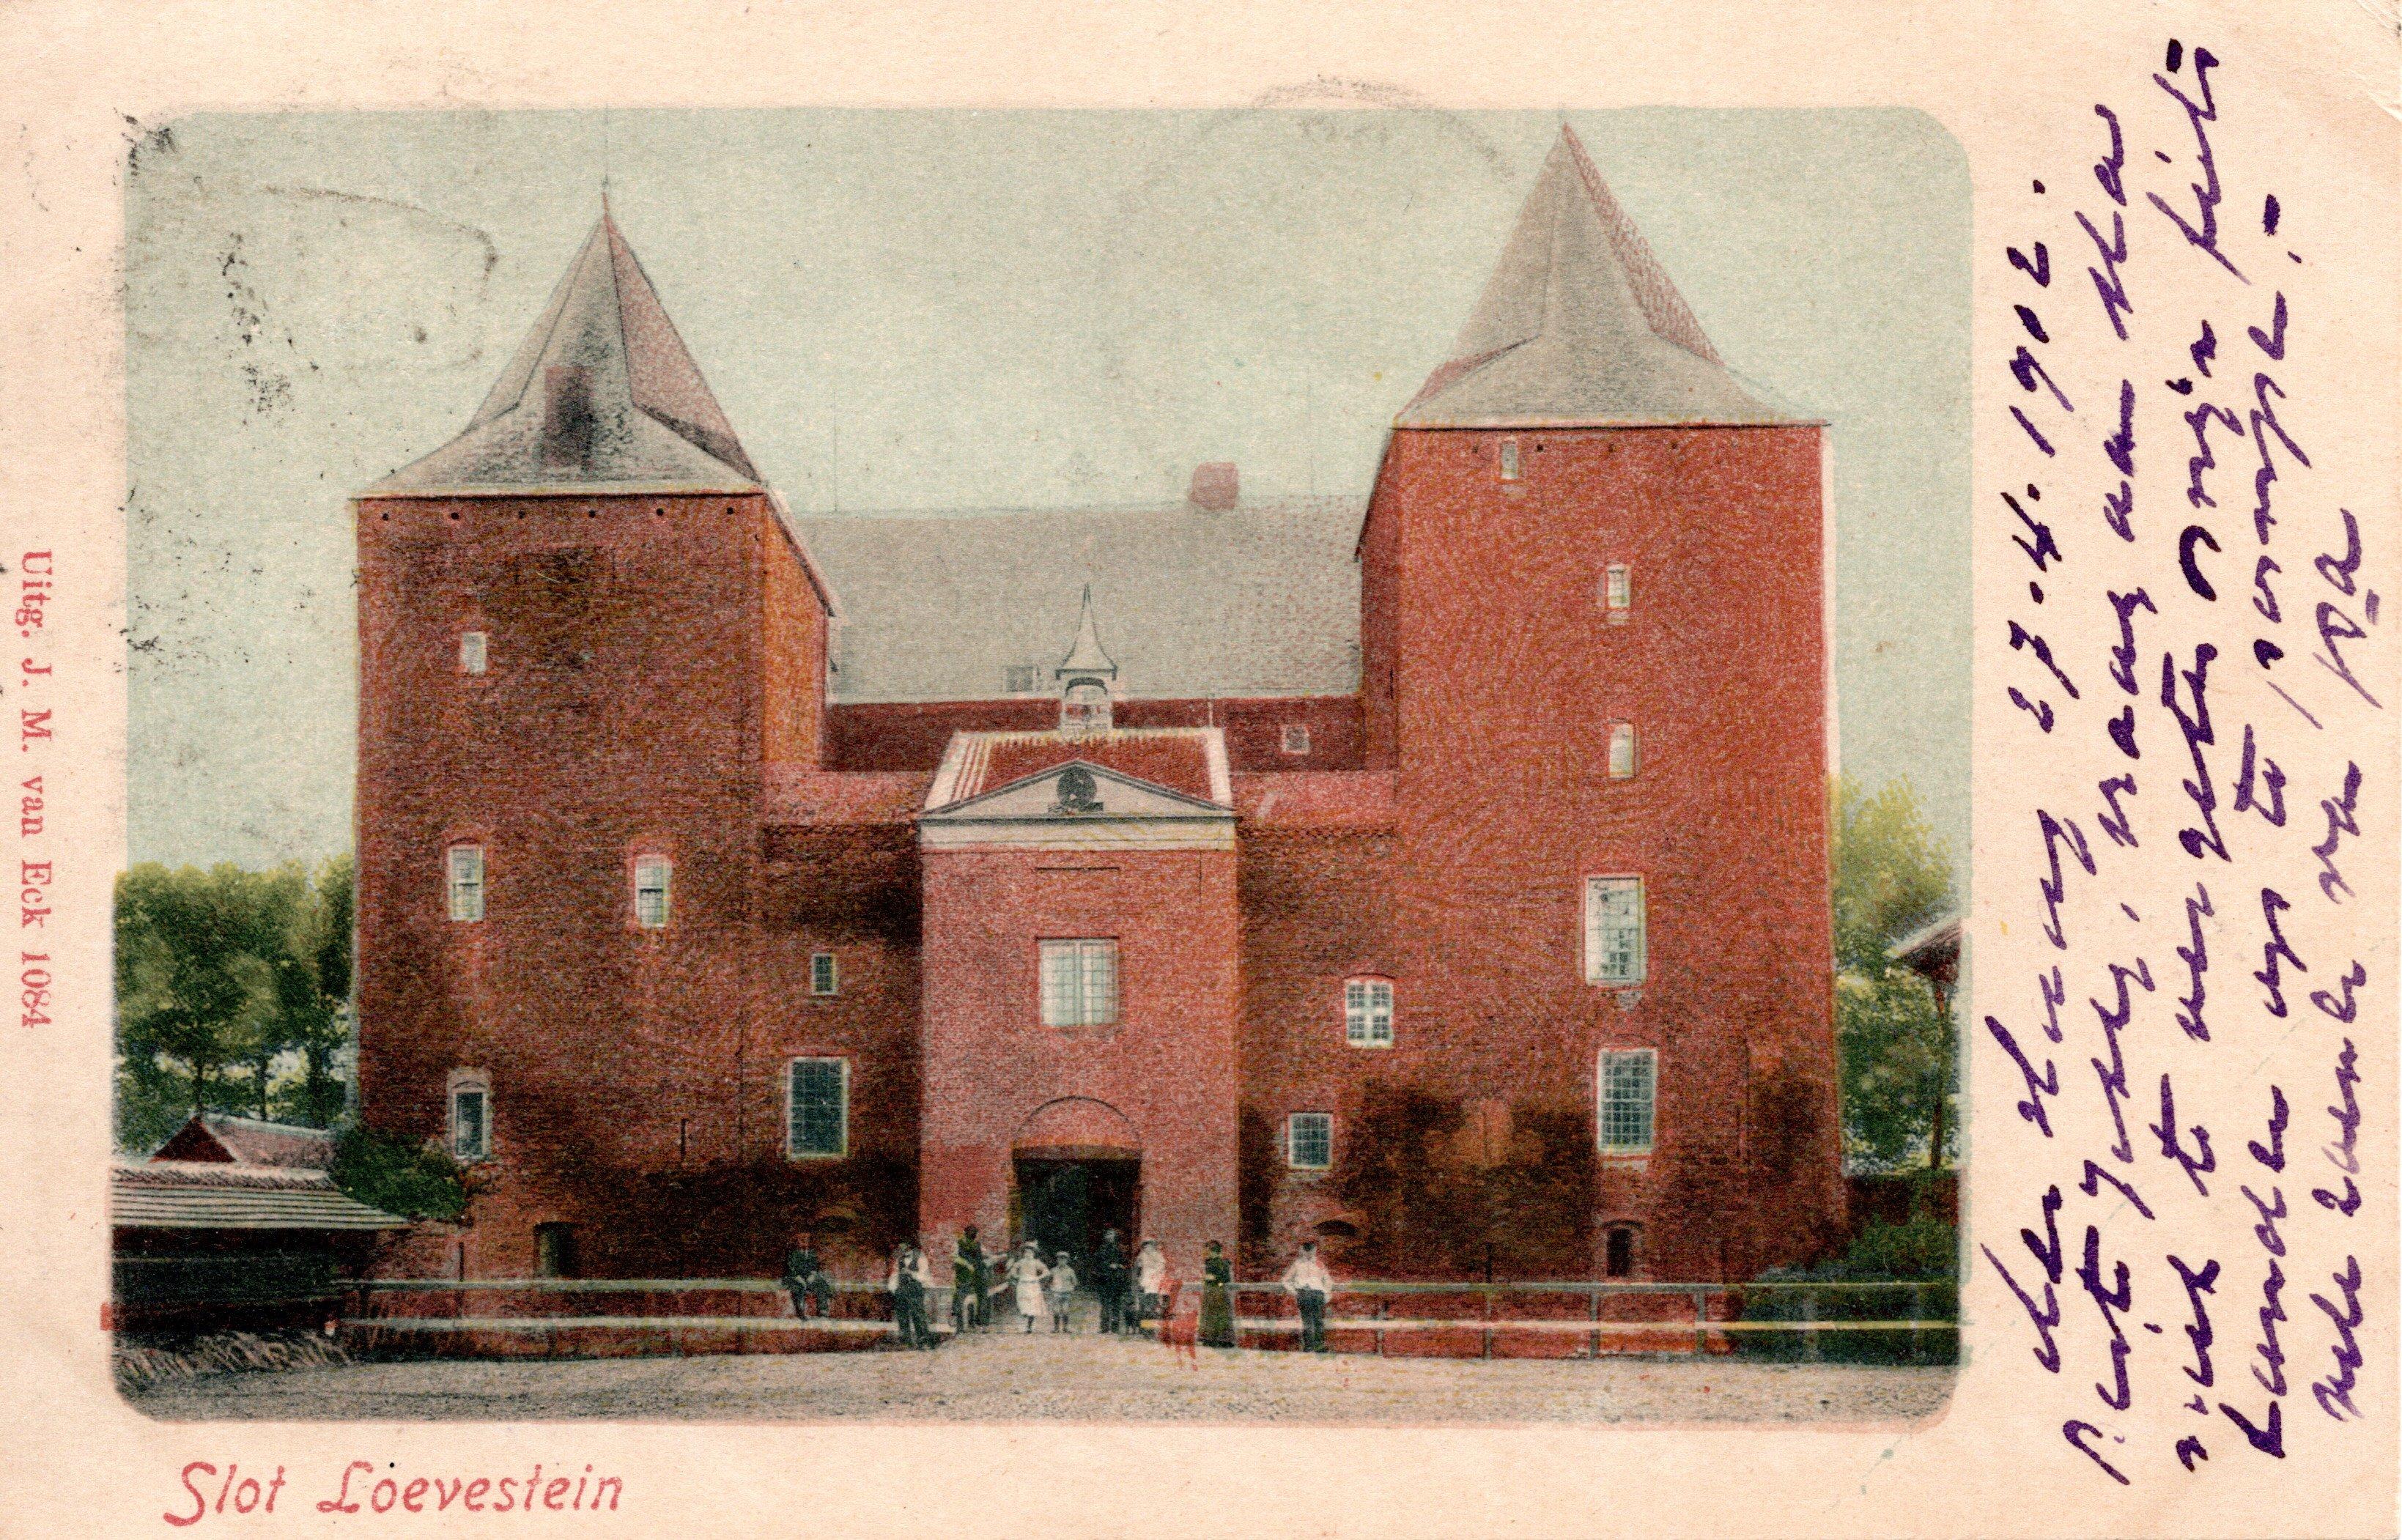 B41-Slot-Loevestein-1902